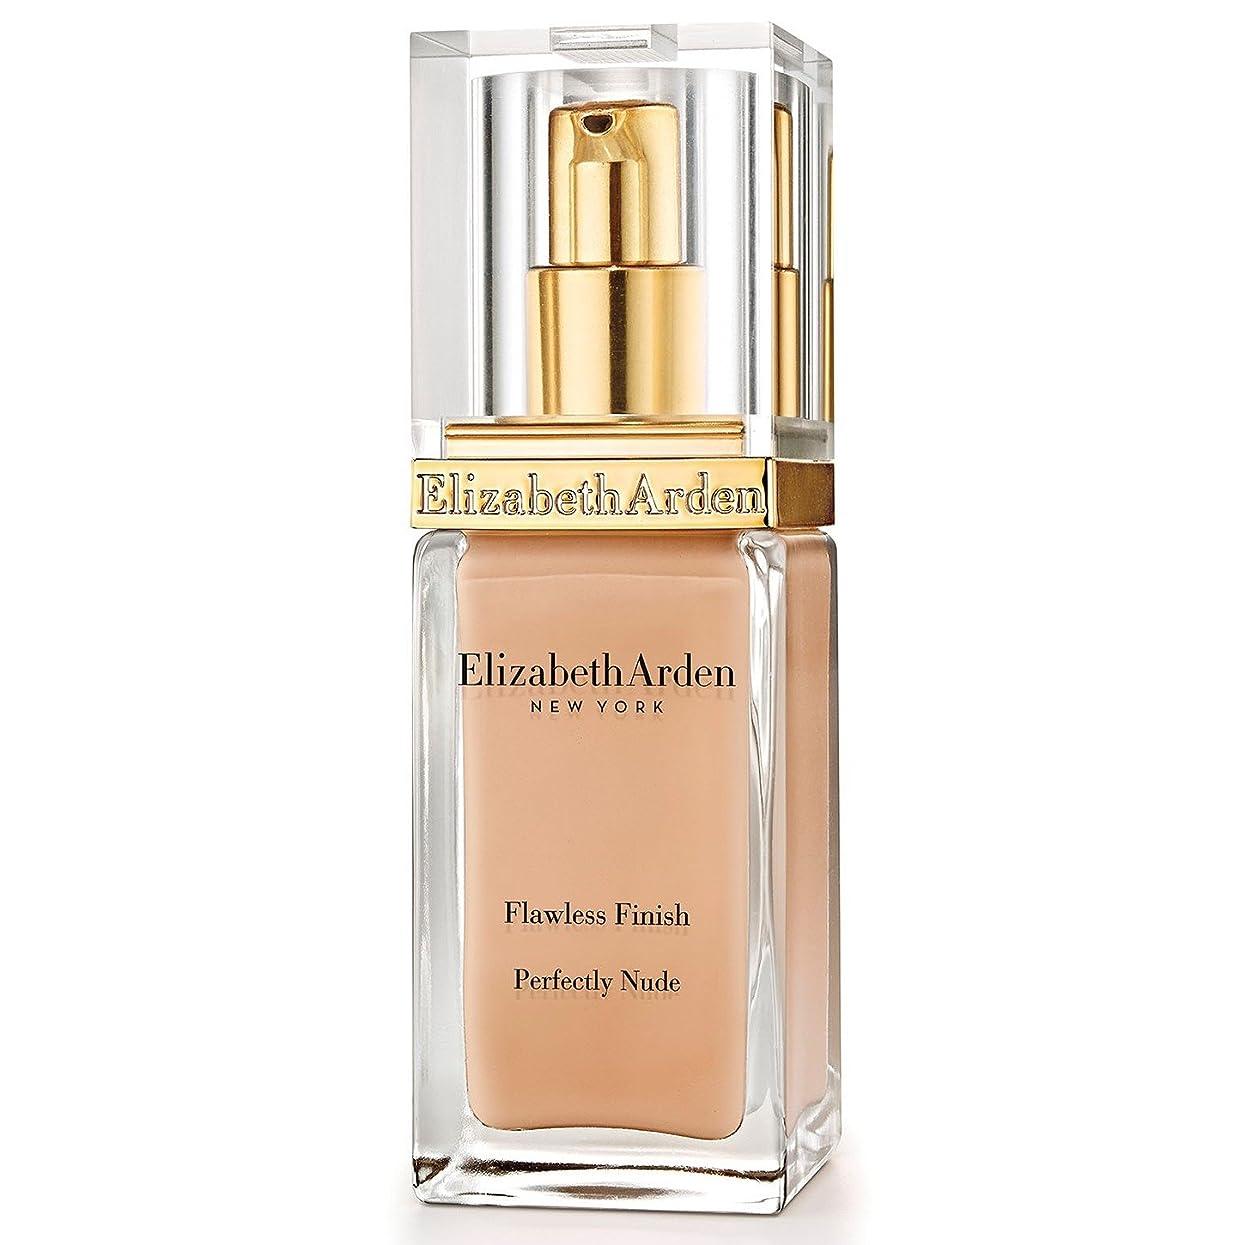 床を掃除するブラウス無駄なエリザベスは、完璧な仕上がり完璧ヌードファンデーション 15ハニーベージュをアーデン x4 - Elizabeth Arden Flawless Finish Perfectly Nude Foundation SPF 15 Honey Beige (Pack of 4) [並行輸入品]